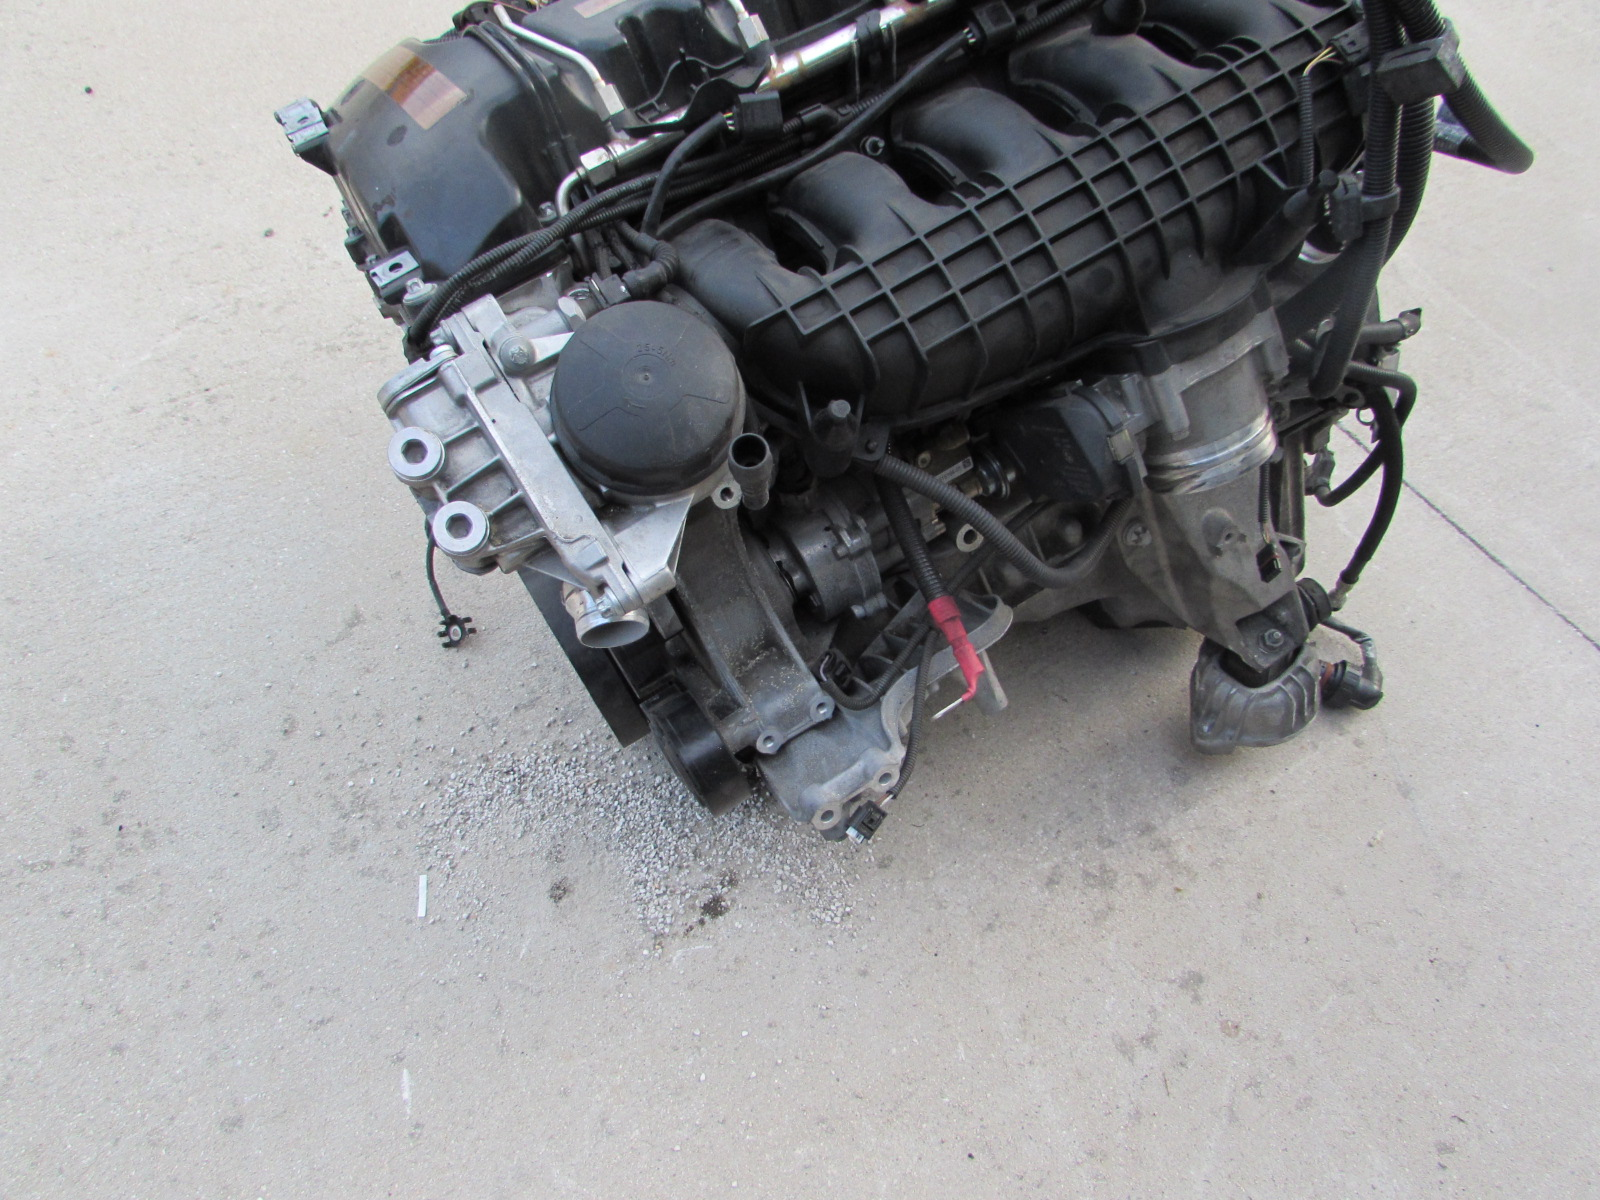 bmw n54 engine motor 3 0l 6 cylinder rwd bi turbo 11000415044 e90 e92 e93 335i e82 135i hermes. Black Bedroom Furniture Sets. Home Design Ideas